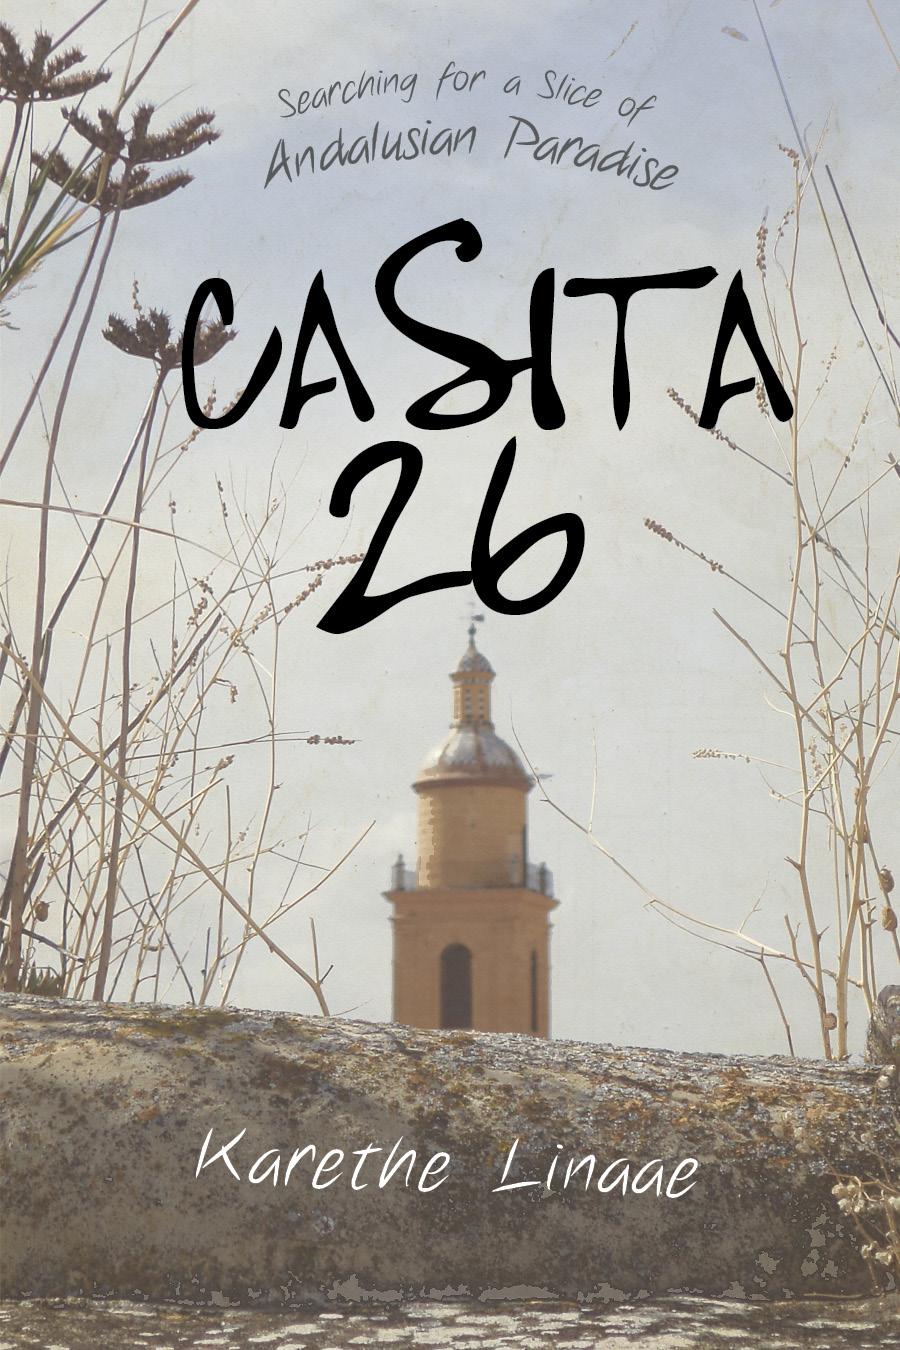 Casita26_Amazon